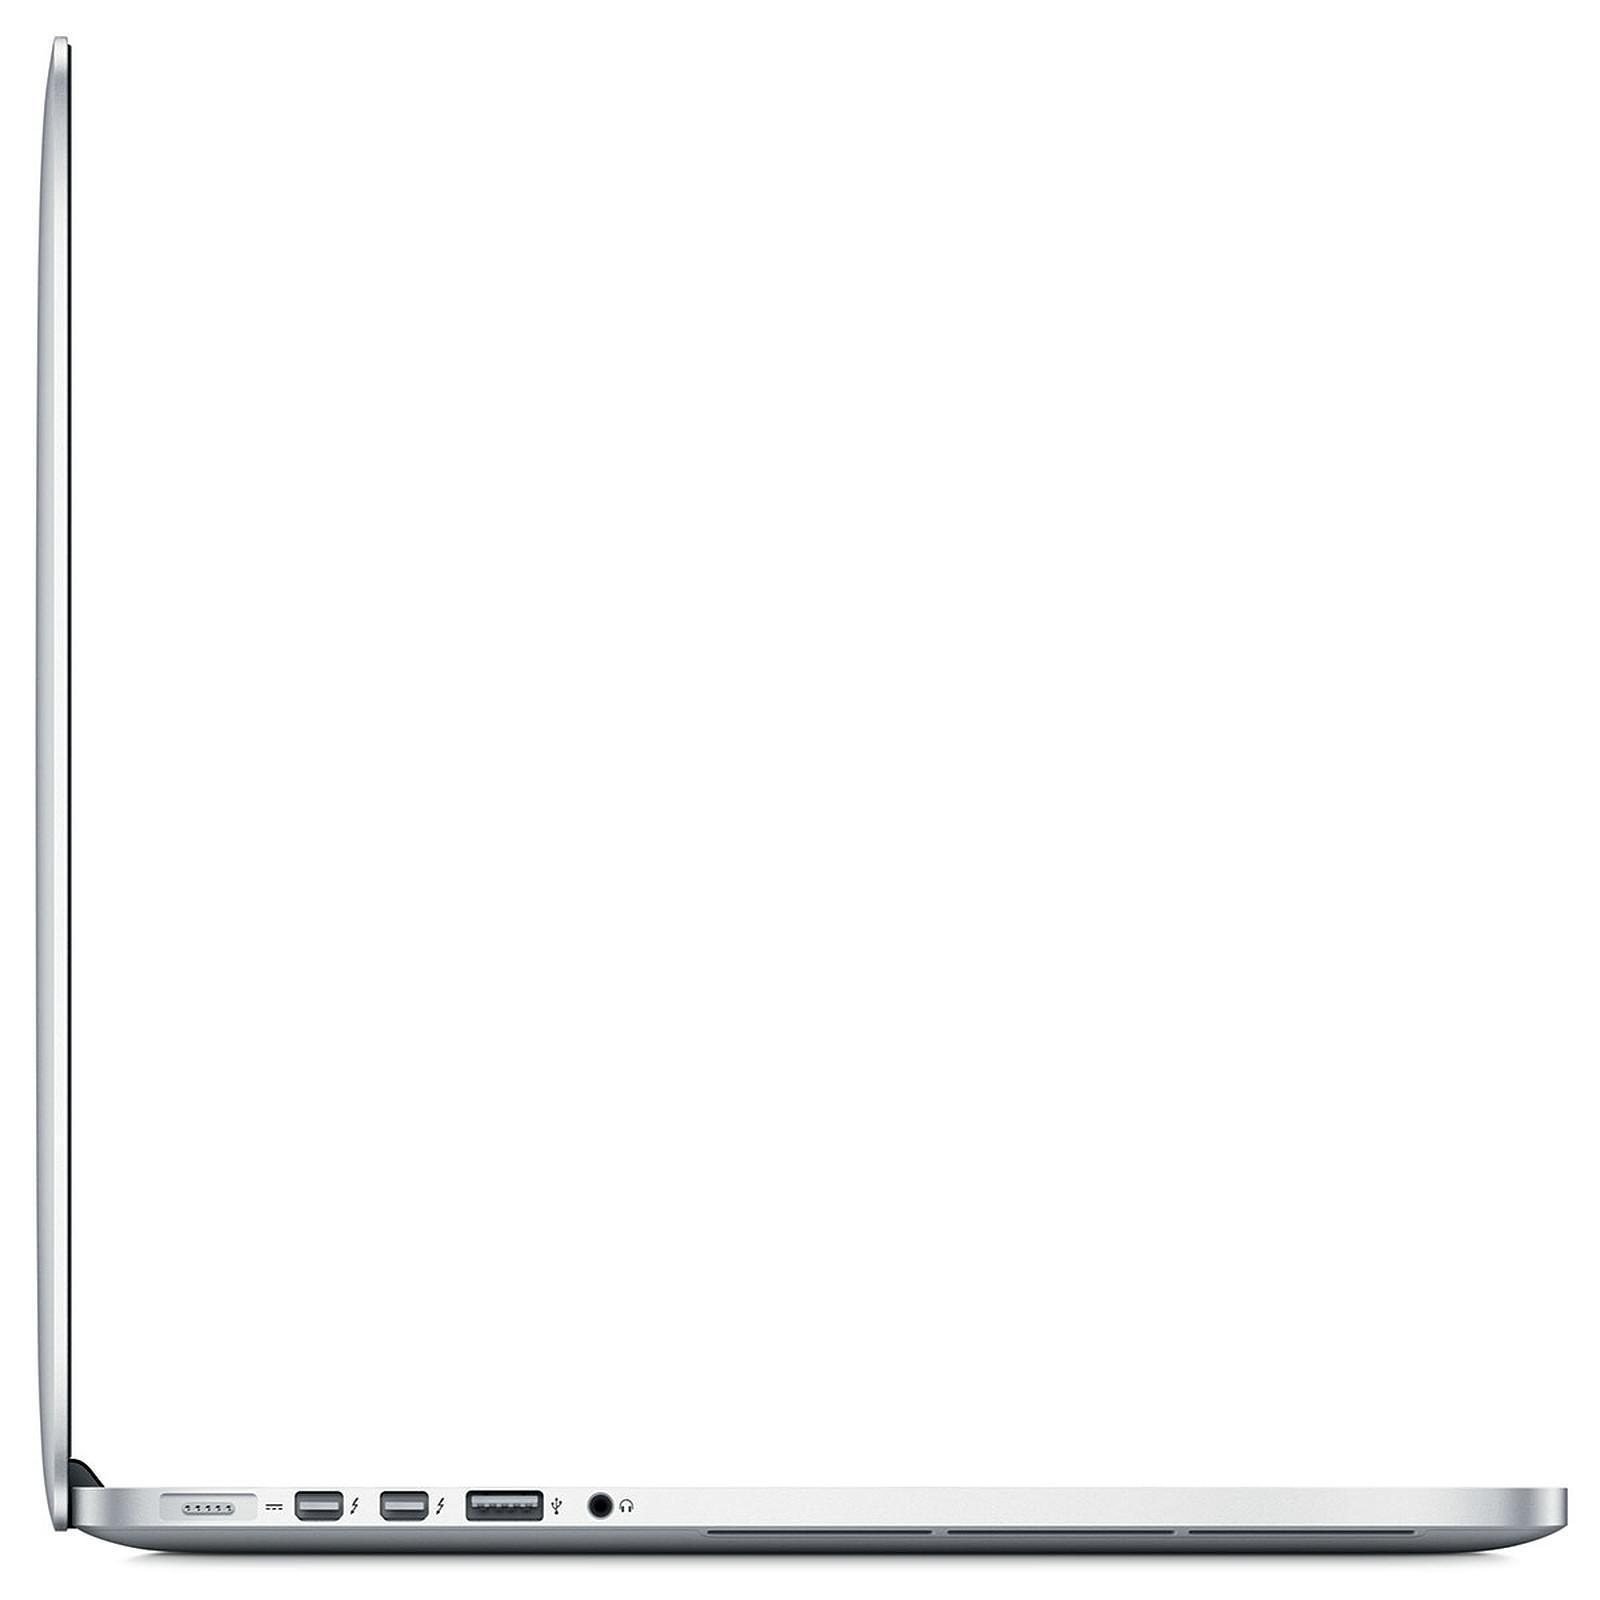 MacBook Pro Retina 15,4-tum (2012) - Core i7 - 16GB - SSD 256 GB QWERTY - Engelska (Storbritannien)